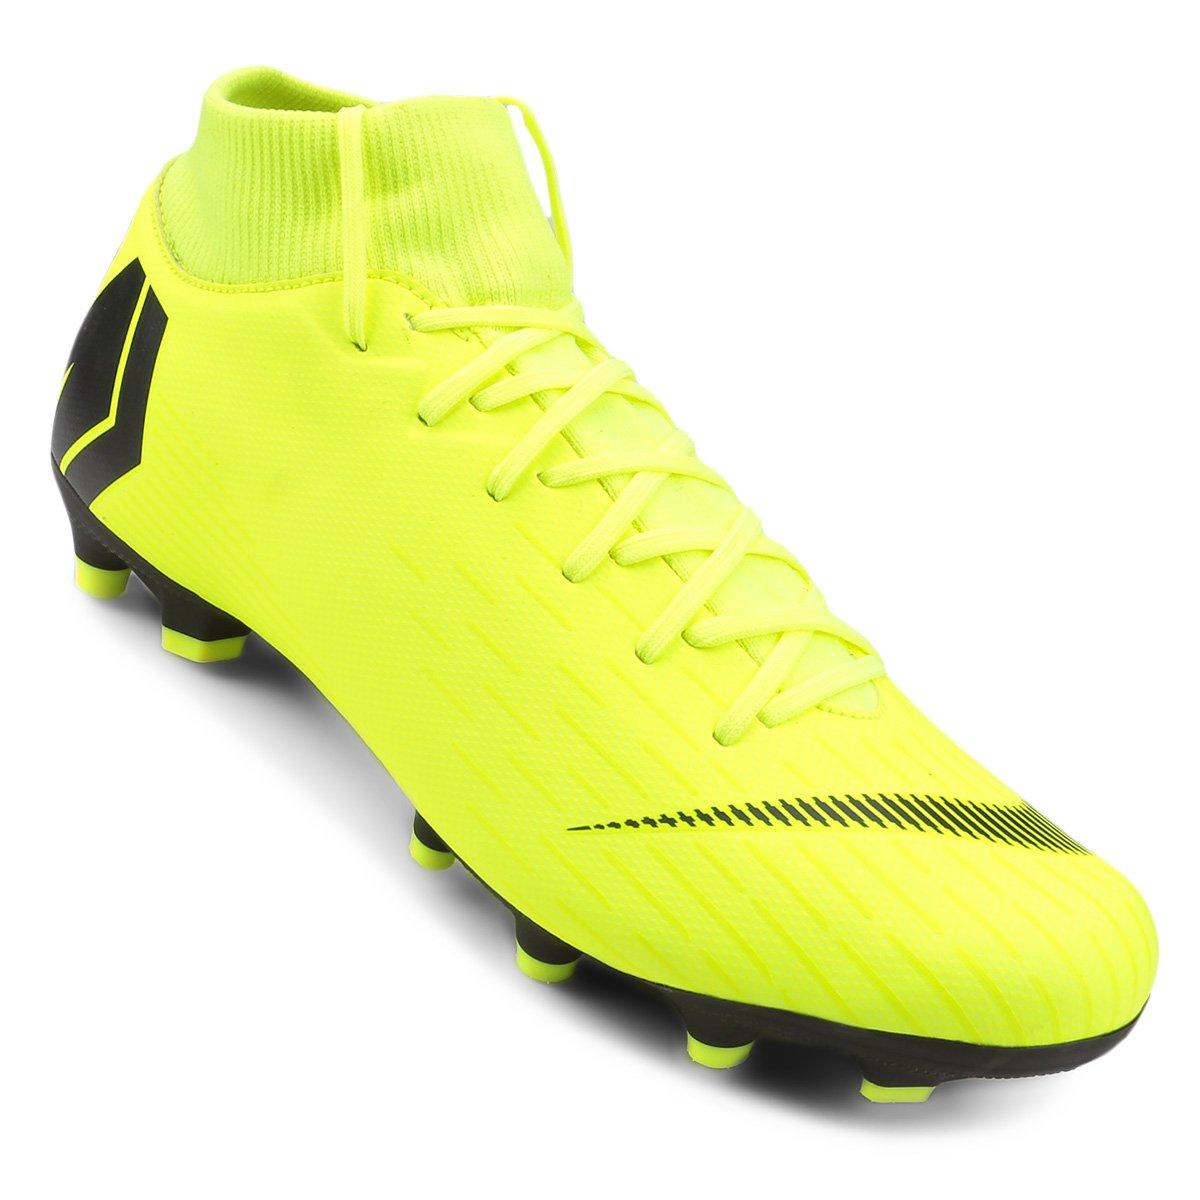 Chuteira Campo Nike Mercurial Superfly 6 Academy - Amarelo e Preto ... 3d624f135672c